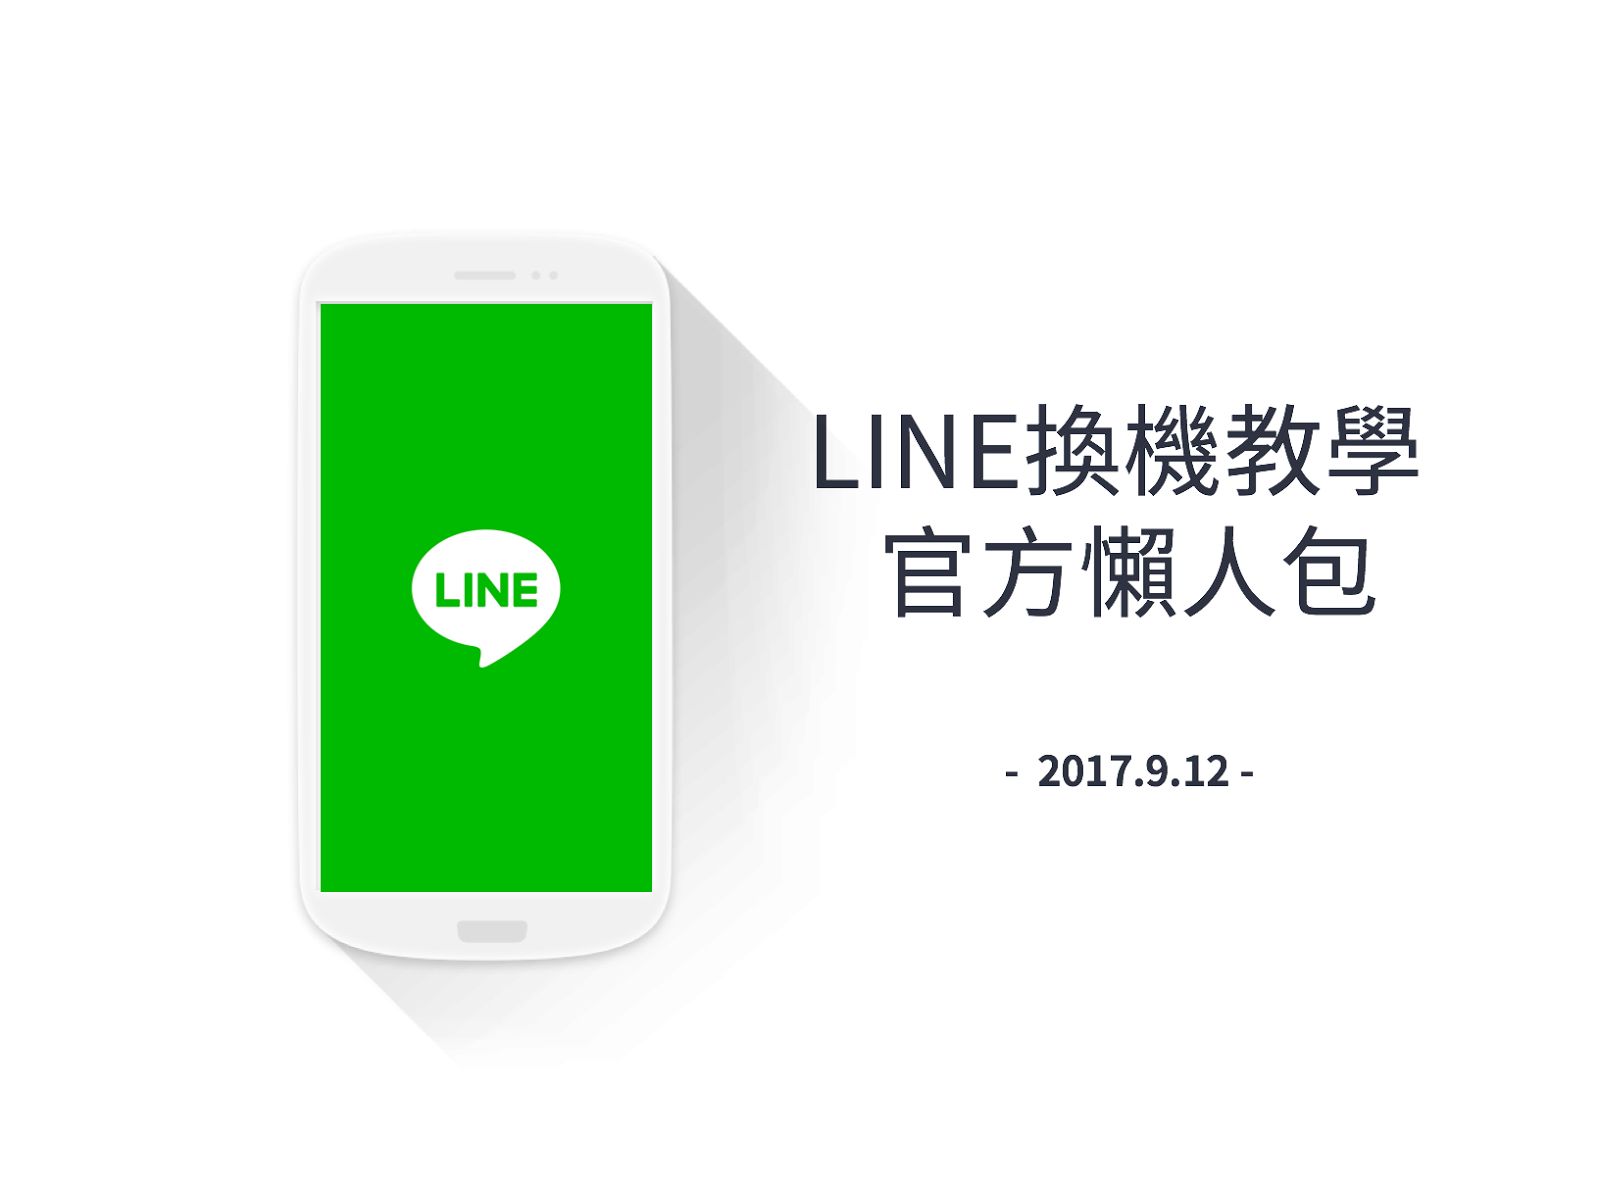 如何將 Android 手機 LINE 搬家到 iPhone 8 | 愛瘋日報: 最精準的蘋果媒體